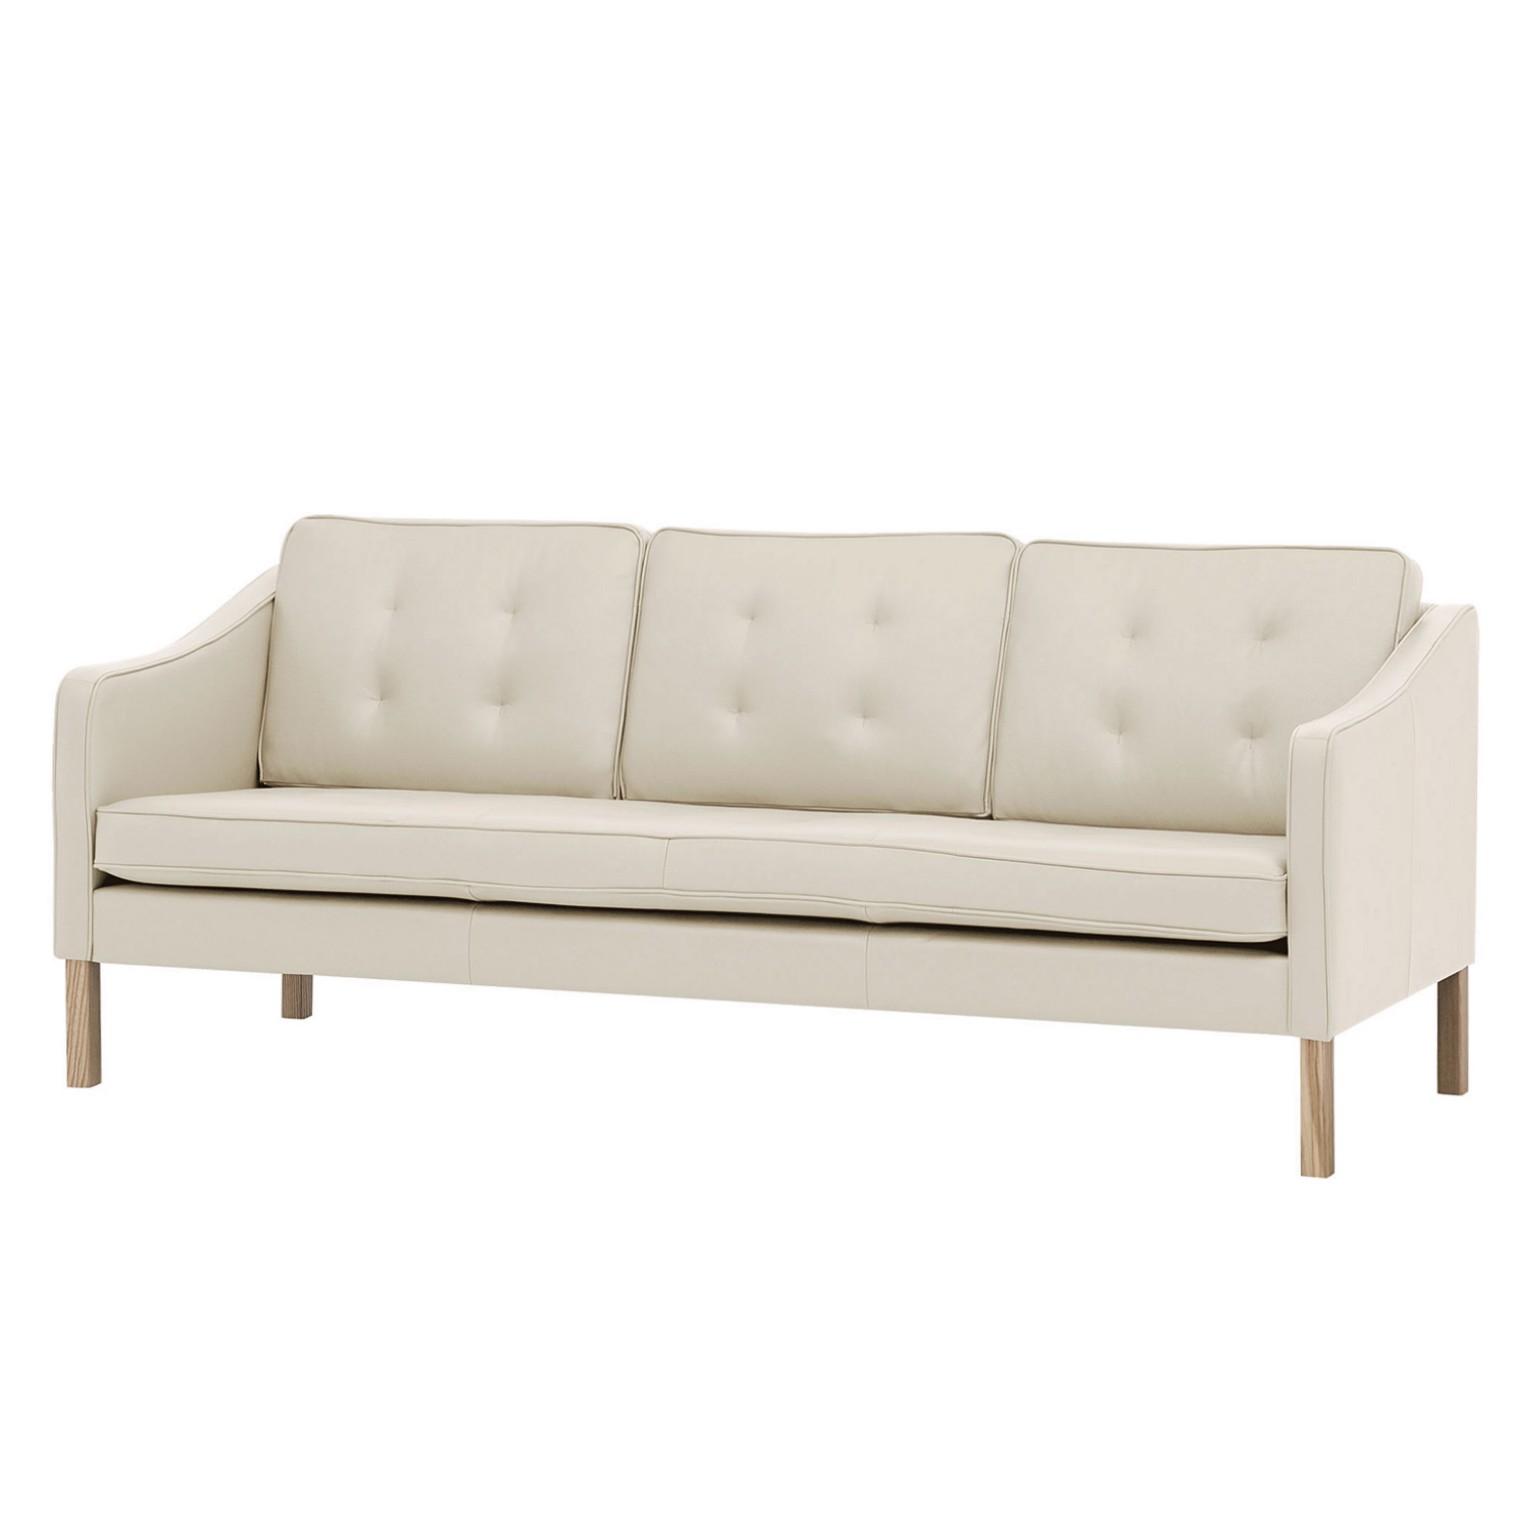 Sofa Risor (3-Sitzer) - Echtleder - Echtleder Neka Creme